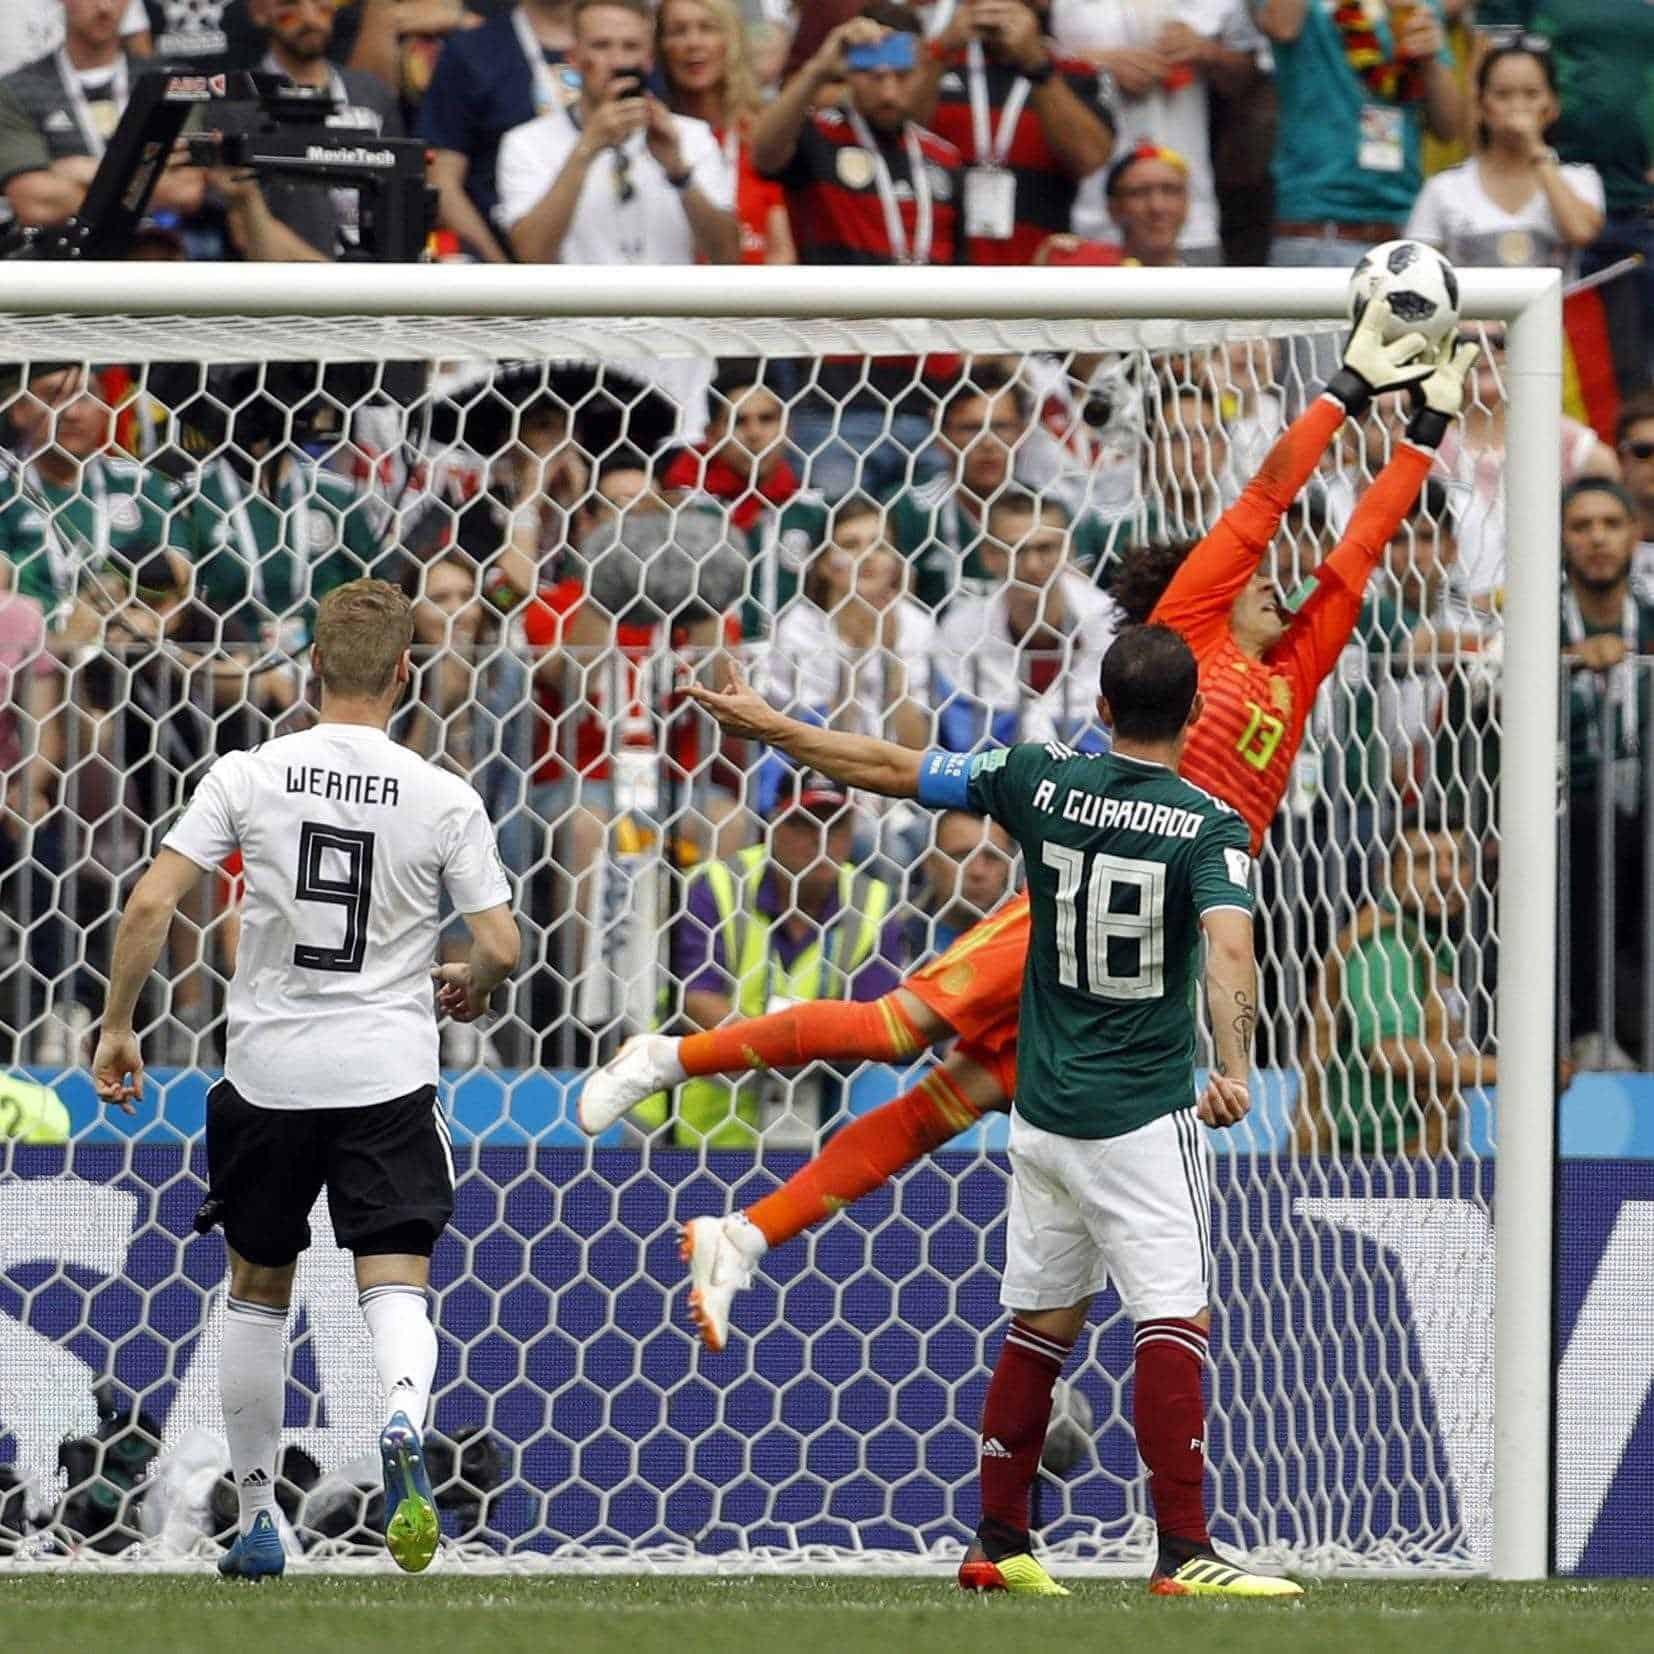 ¡Apareció Súper Memo!Guillermo Ochoa sorprendió con grandes atajadas como hace cuatro años ante también una potencia como Brasil. La calidad del mexicano lo ha convertido en el segundo arquero en la historia mundialista en mantener su portería en ceros